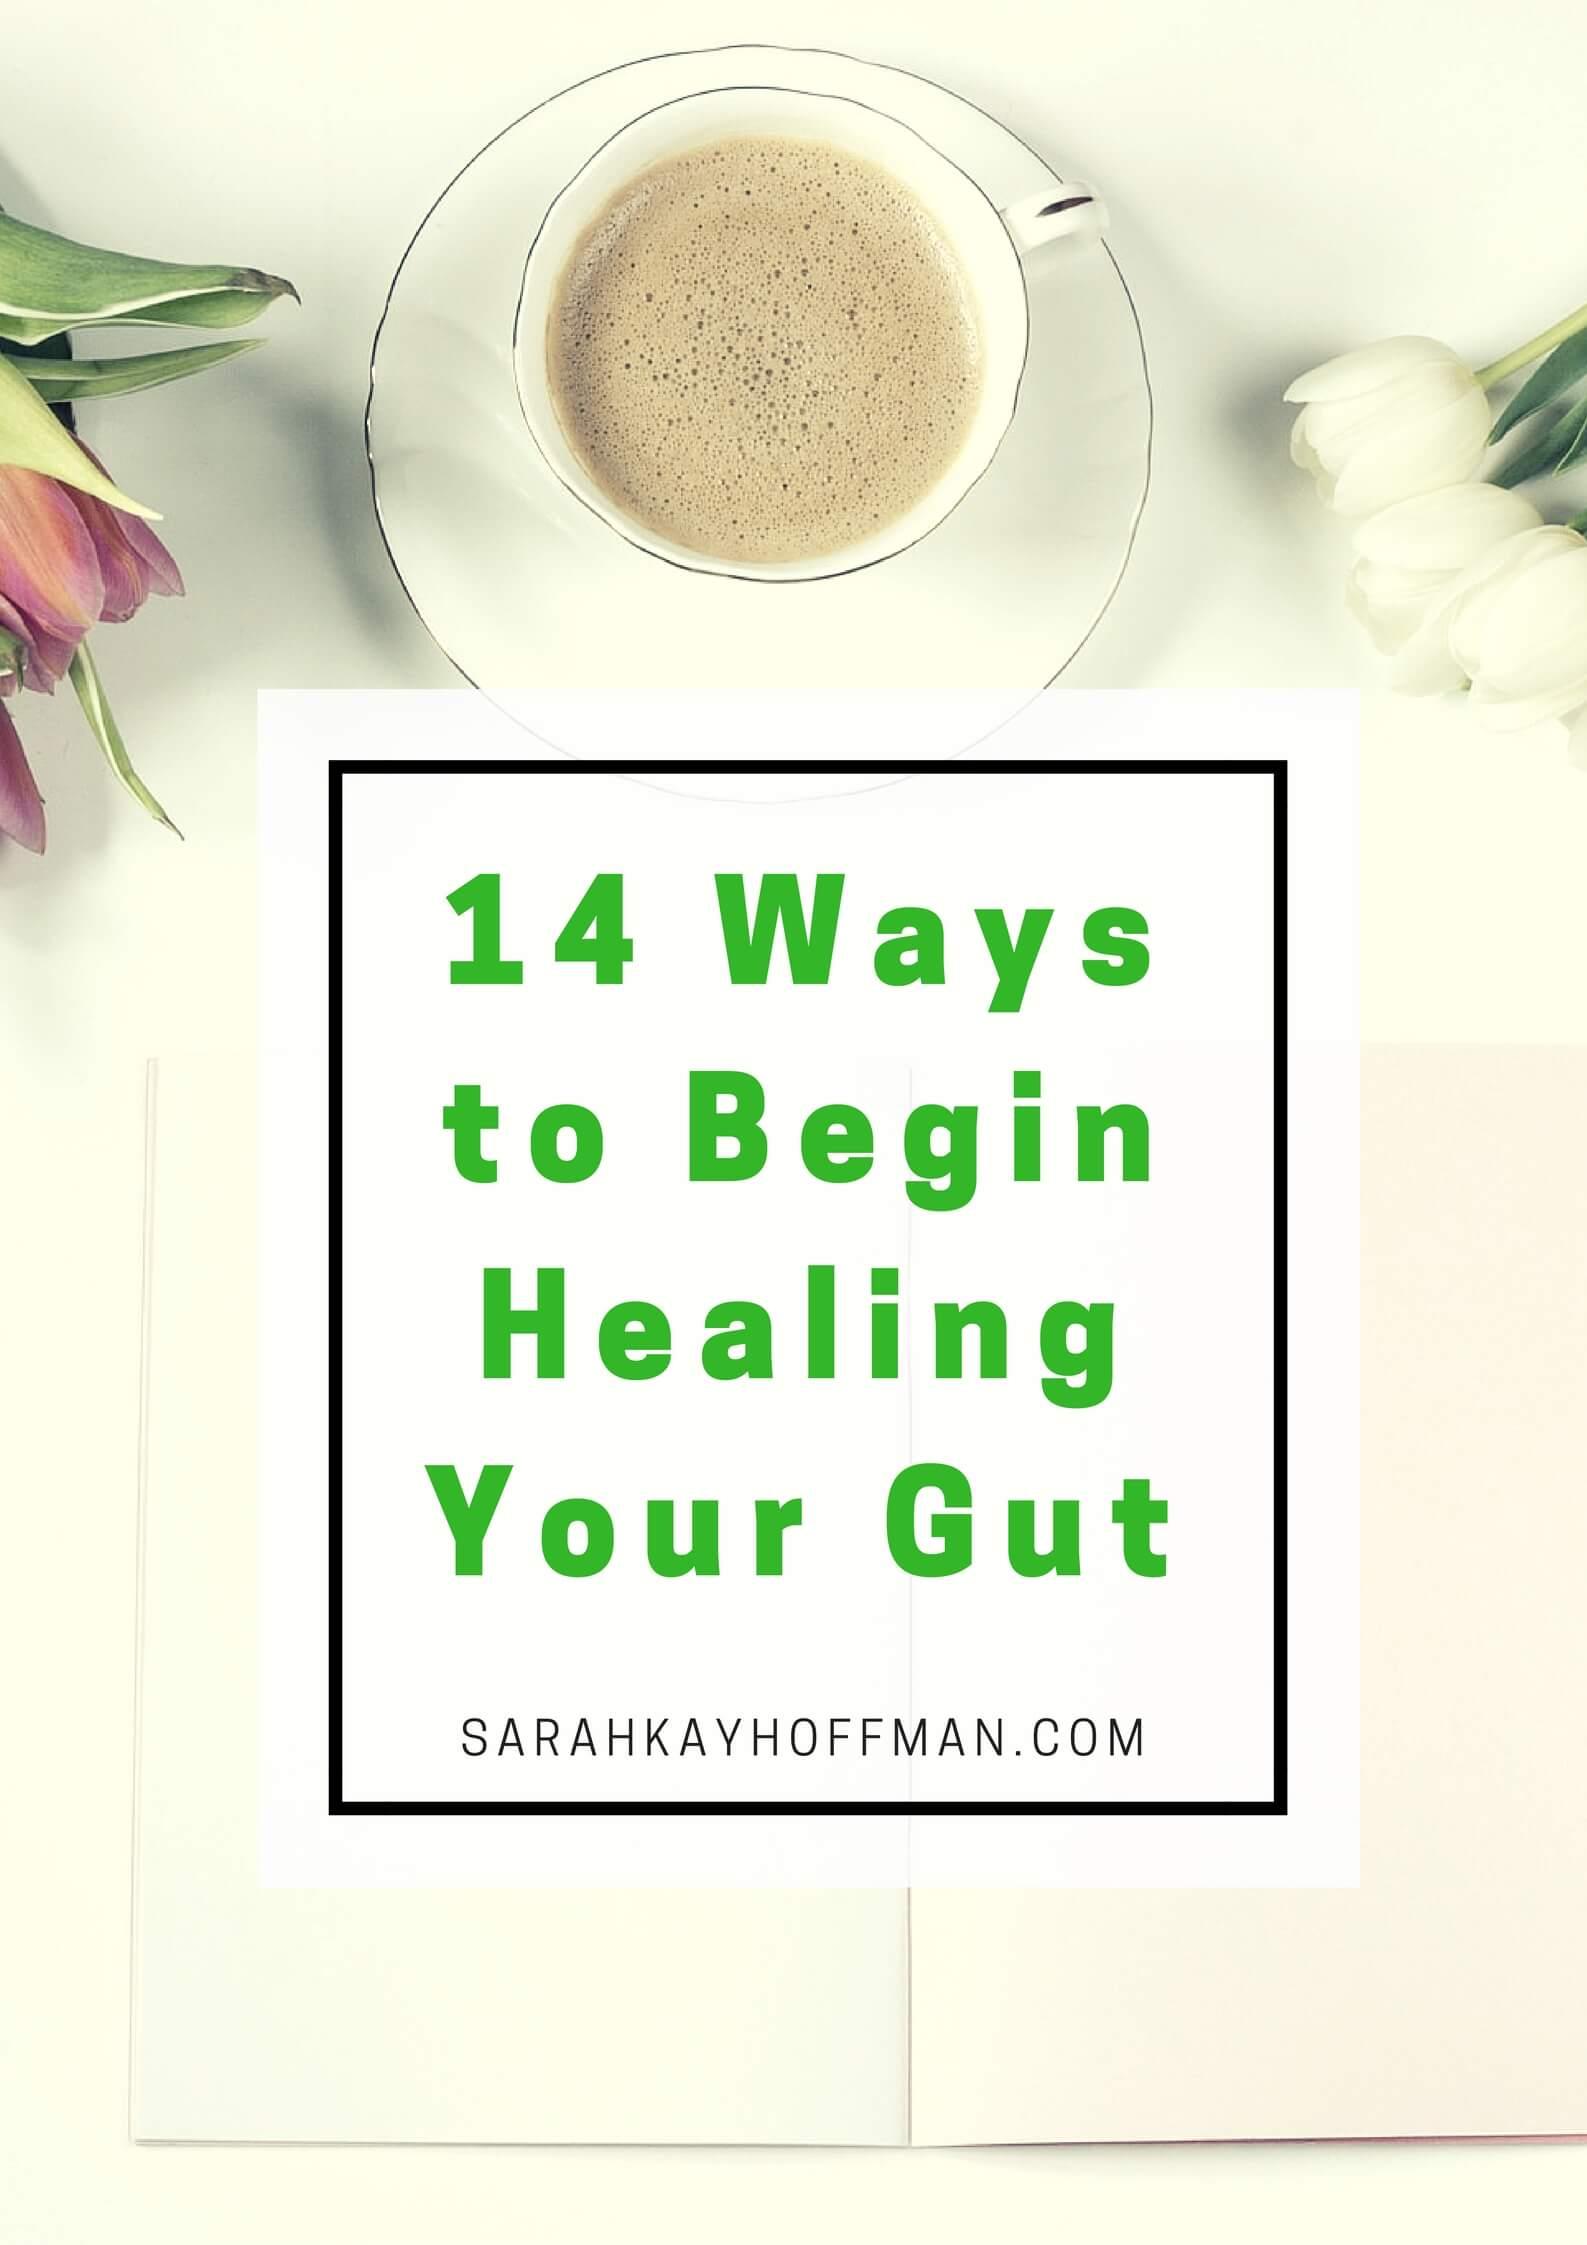 14 Ways to Begin Healing Your Gut sarahkayhoffman.com